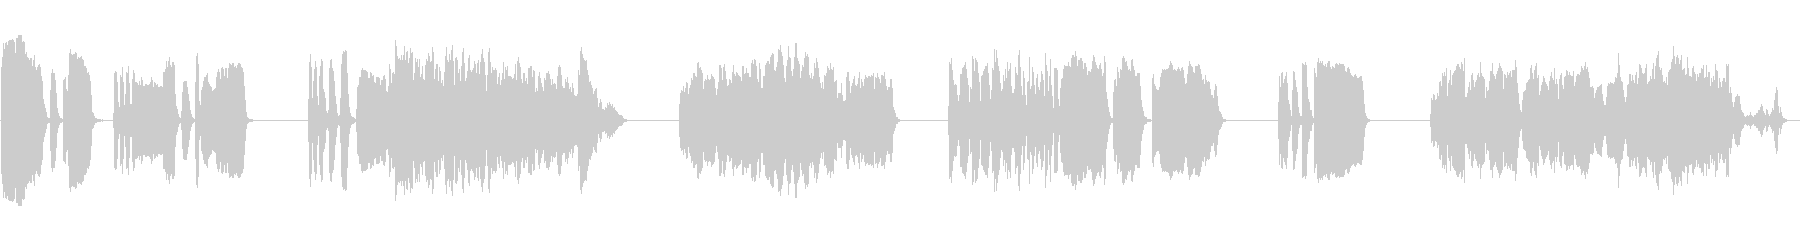 トランペット、吹く、FX、音楽、6...の未再生の波形